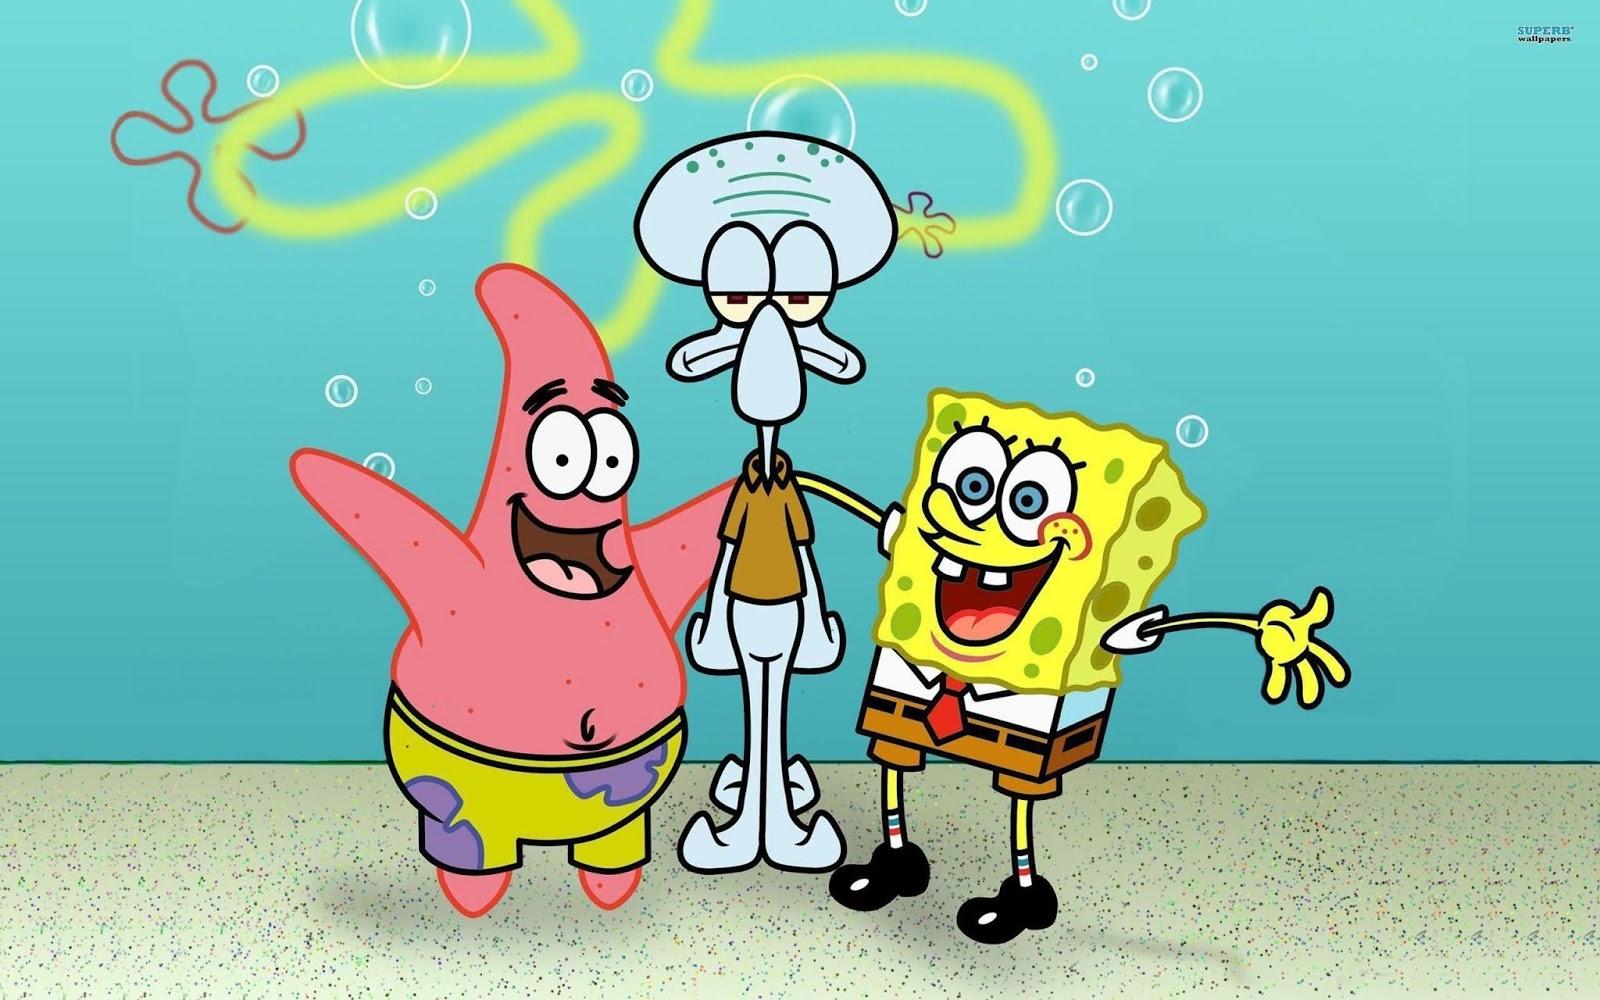 Patrick dan Spongebob membuat Squidward tidak tenang